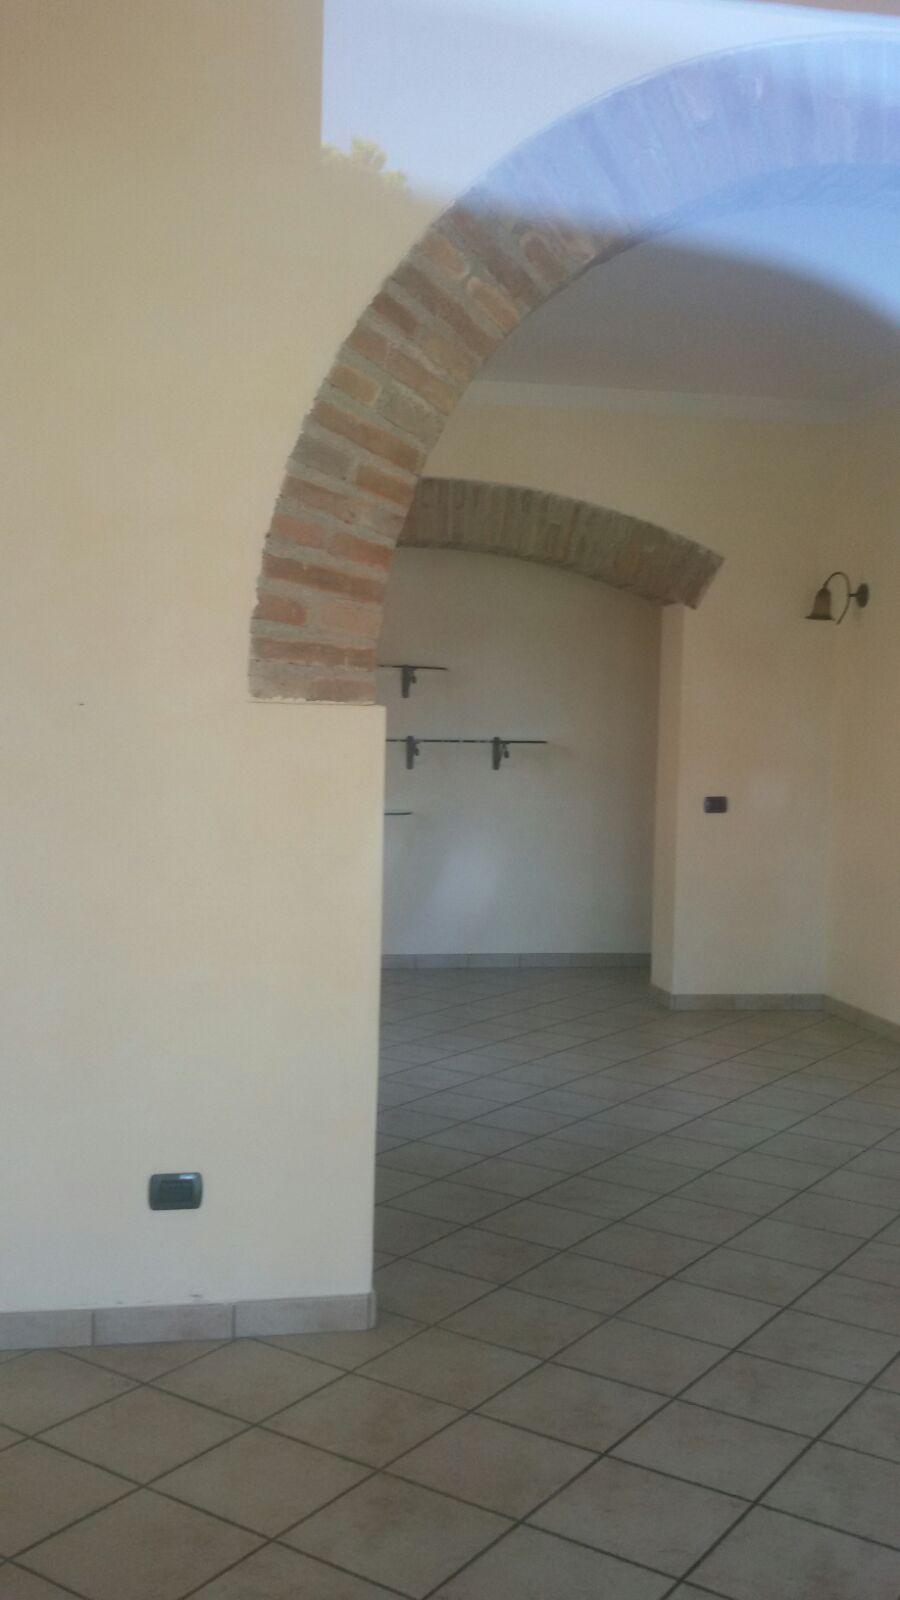 Negozio / Locale in affitto a Lugo, 9999 locali, zona Località: Voltana, prezzo € 450 | Cambio Casa.it